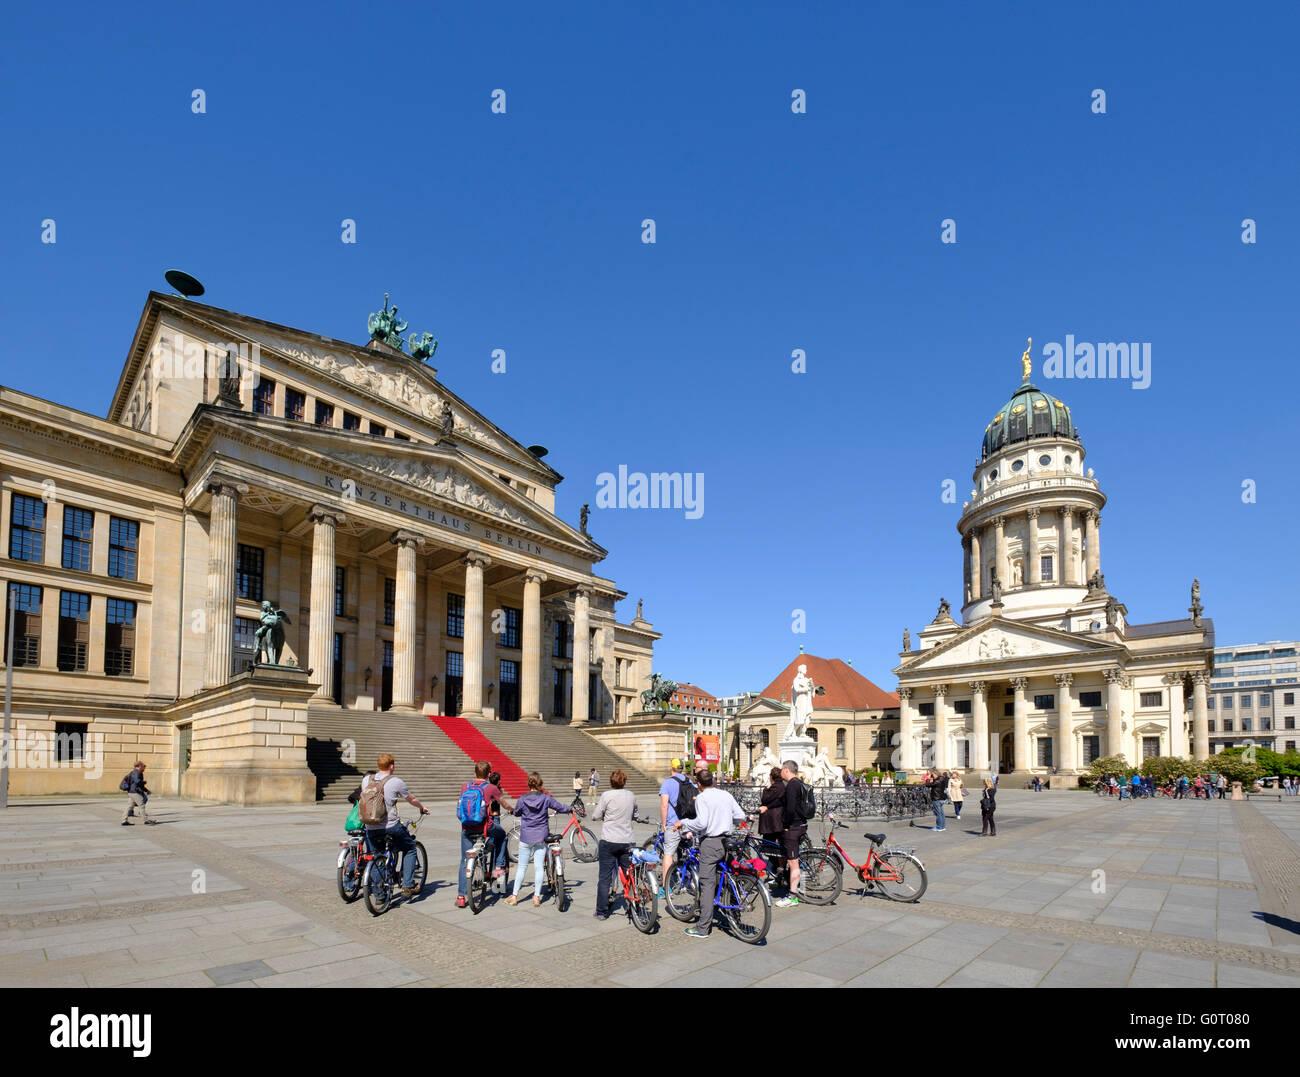 Vista de la plaza Gendarmenmarkt con en la parte izquierda en el Konzerthaus Berlin Mitte Alemania Imagen De Stock